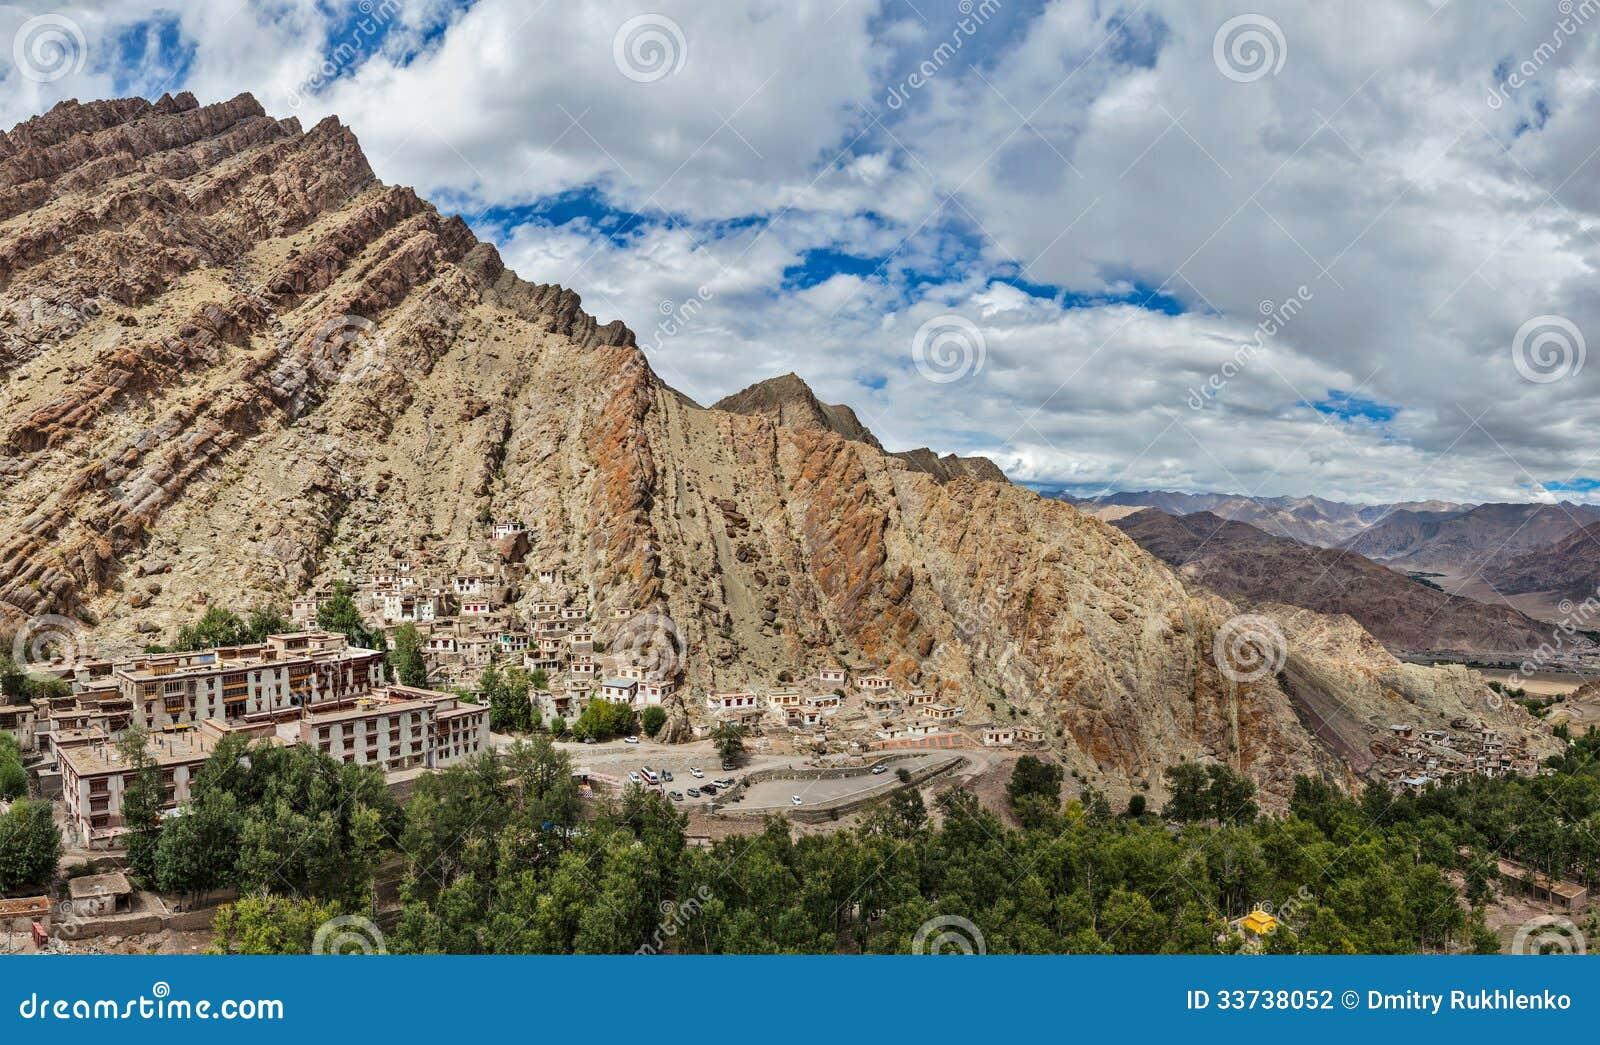 Hemis-gompa, Ladakh, Jammu und Kashmir, Indien